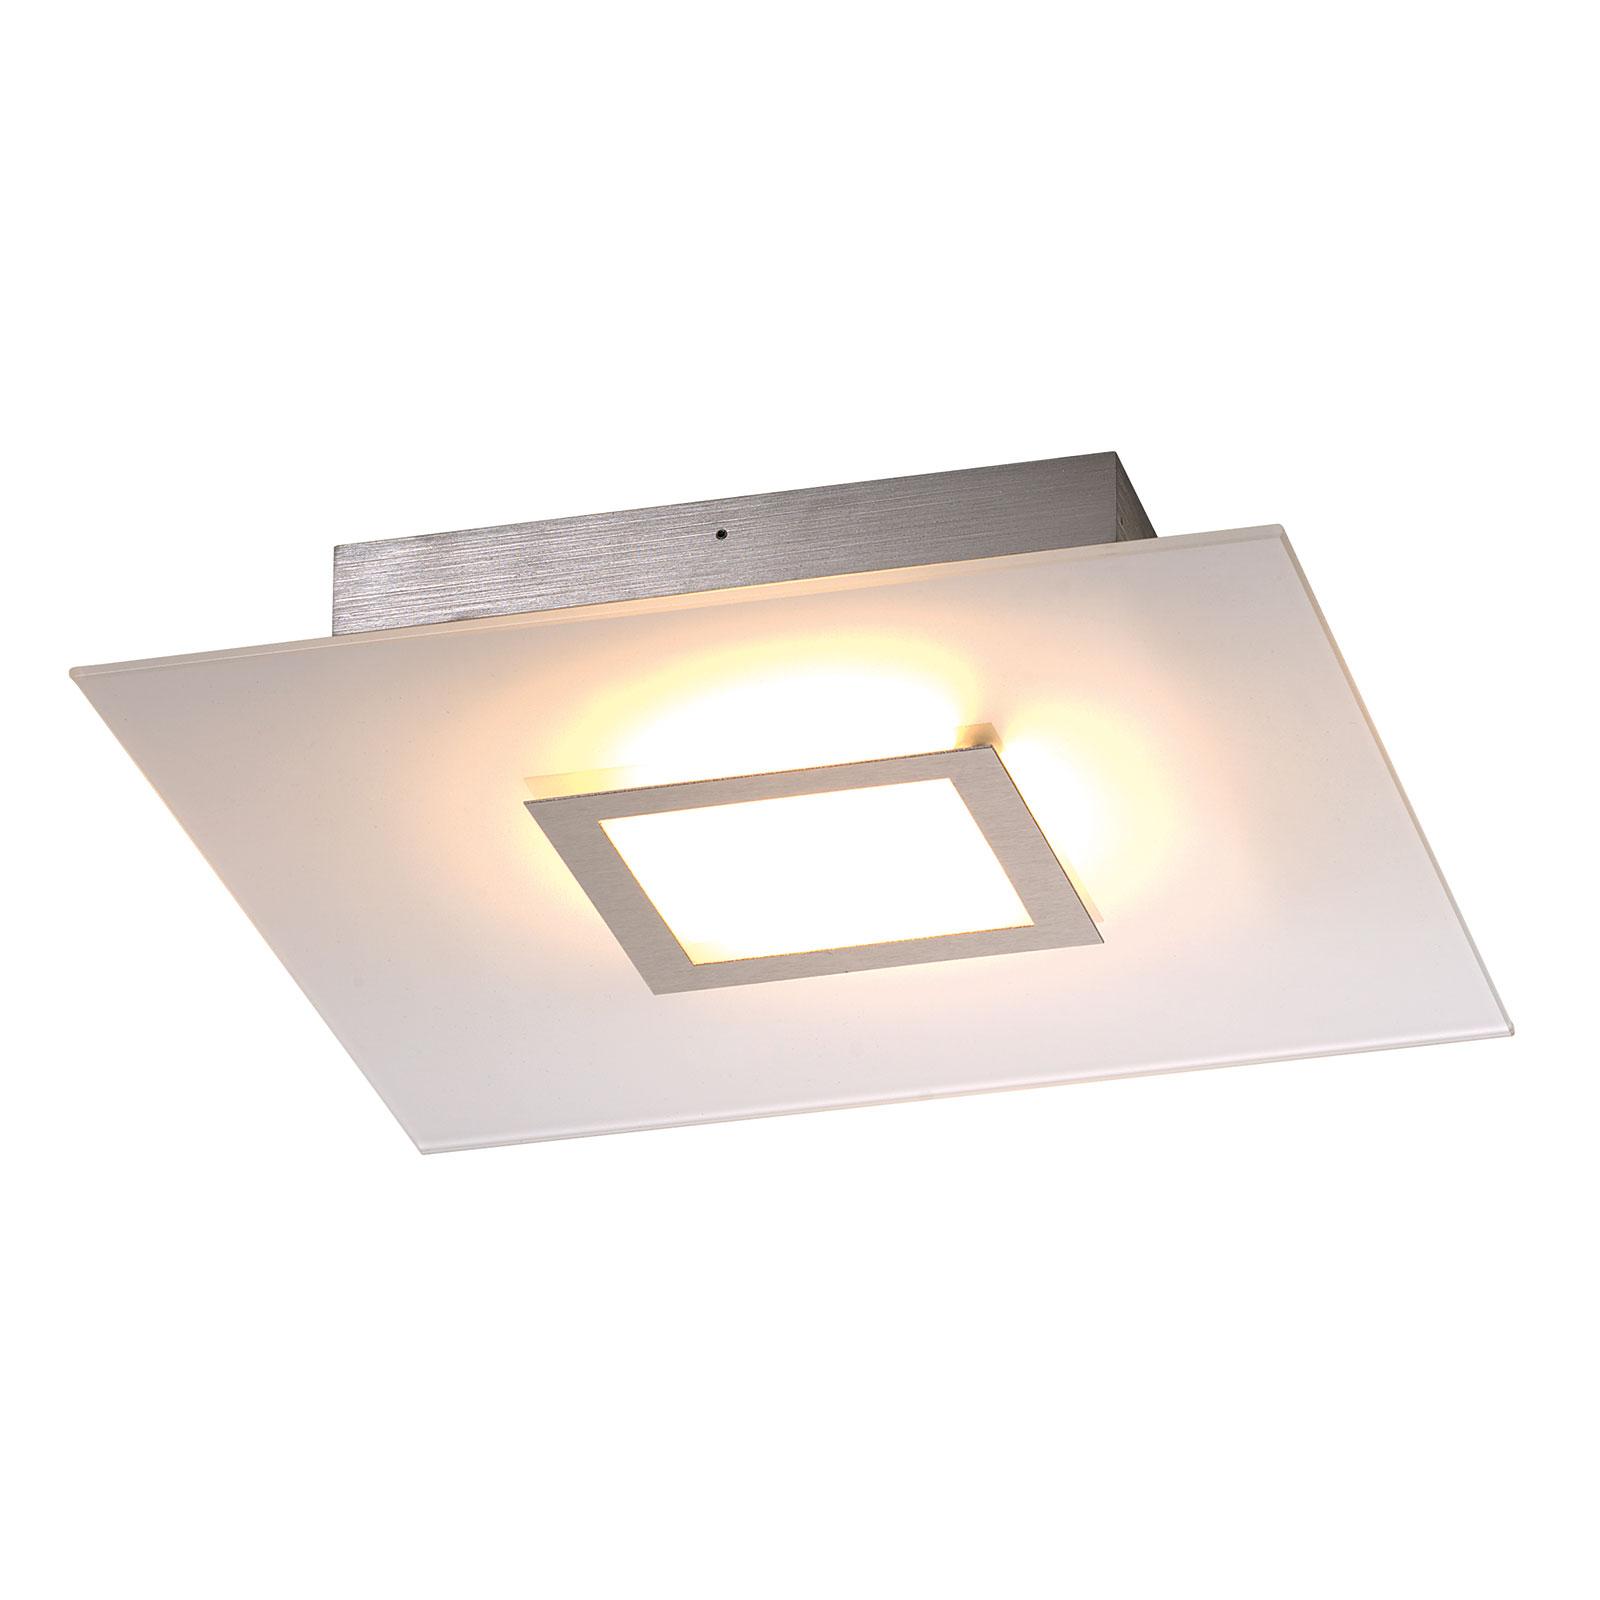 Flat - quadratic LED ceiling lamp, dimmable_1556100_1